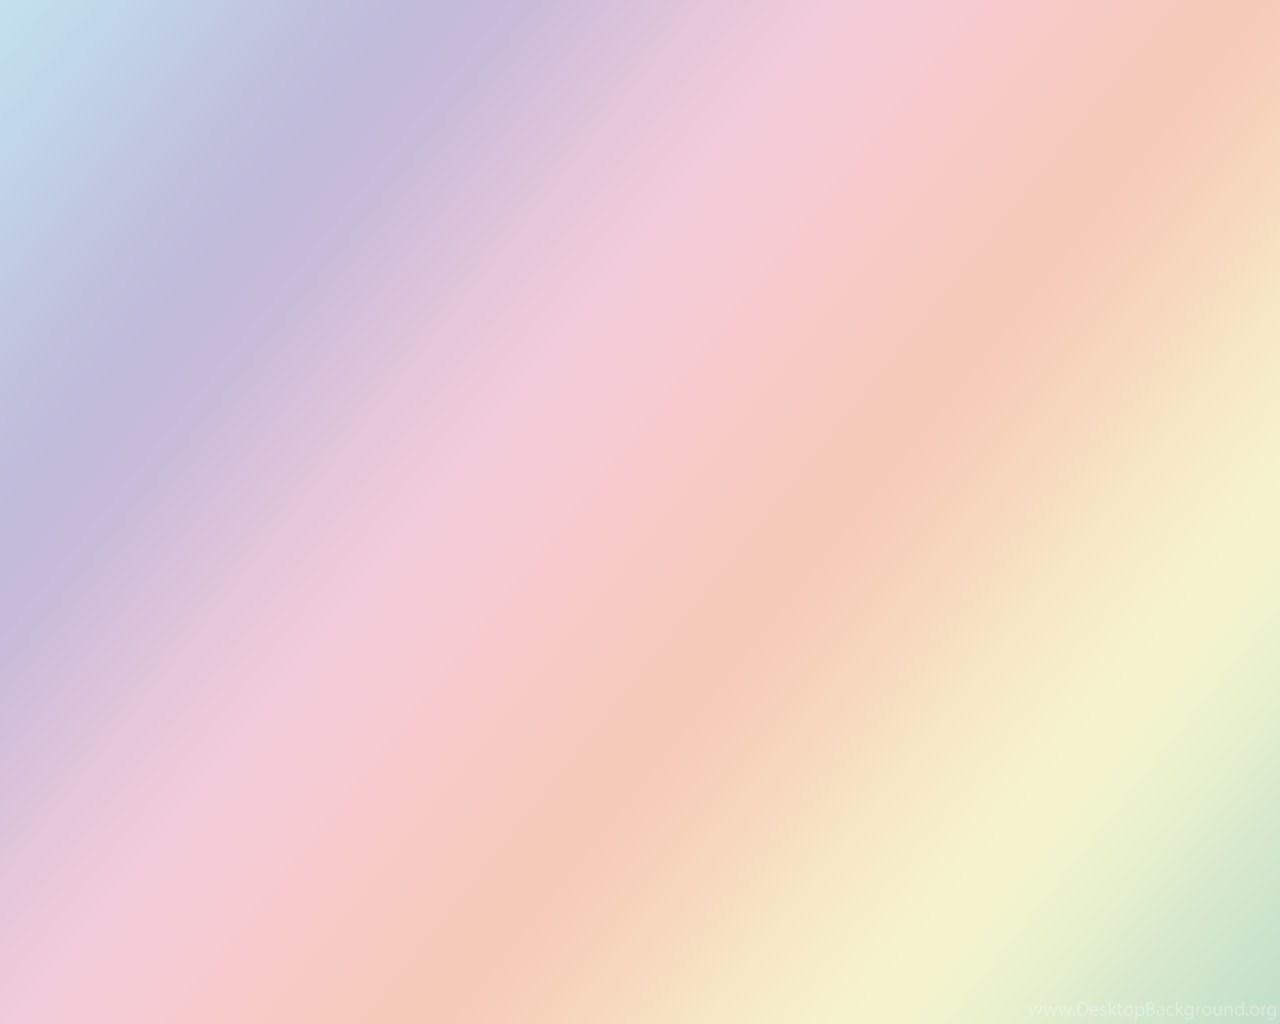 cute plain backgrounds wallpapers cave desktop background